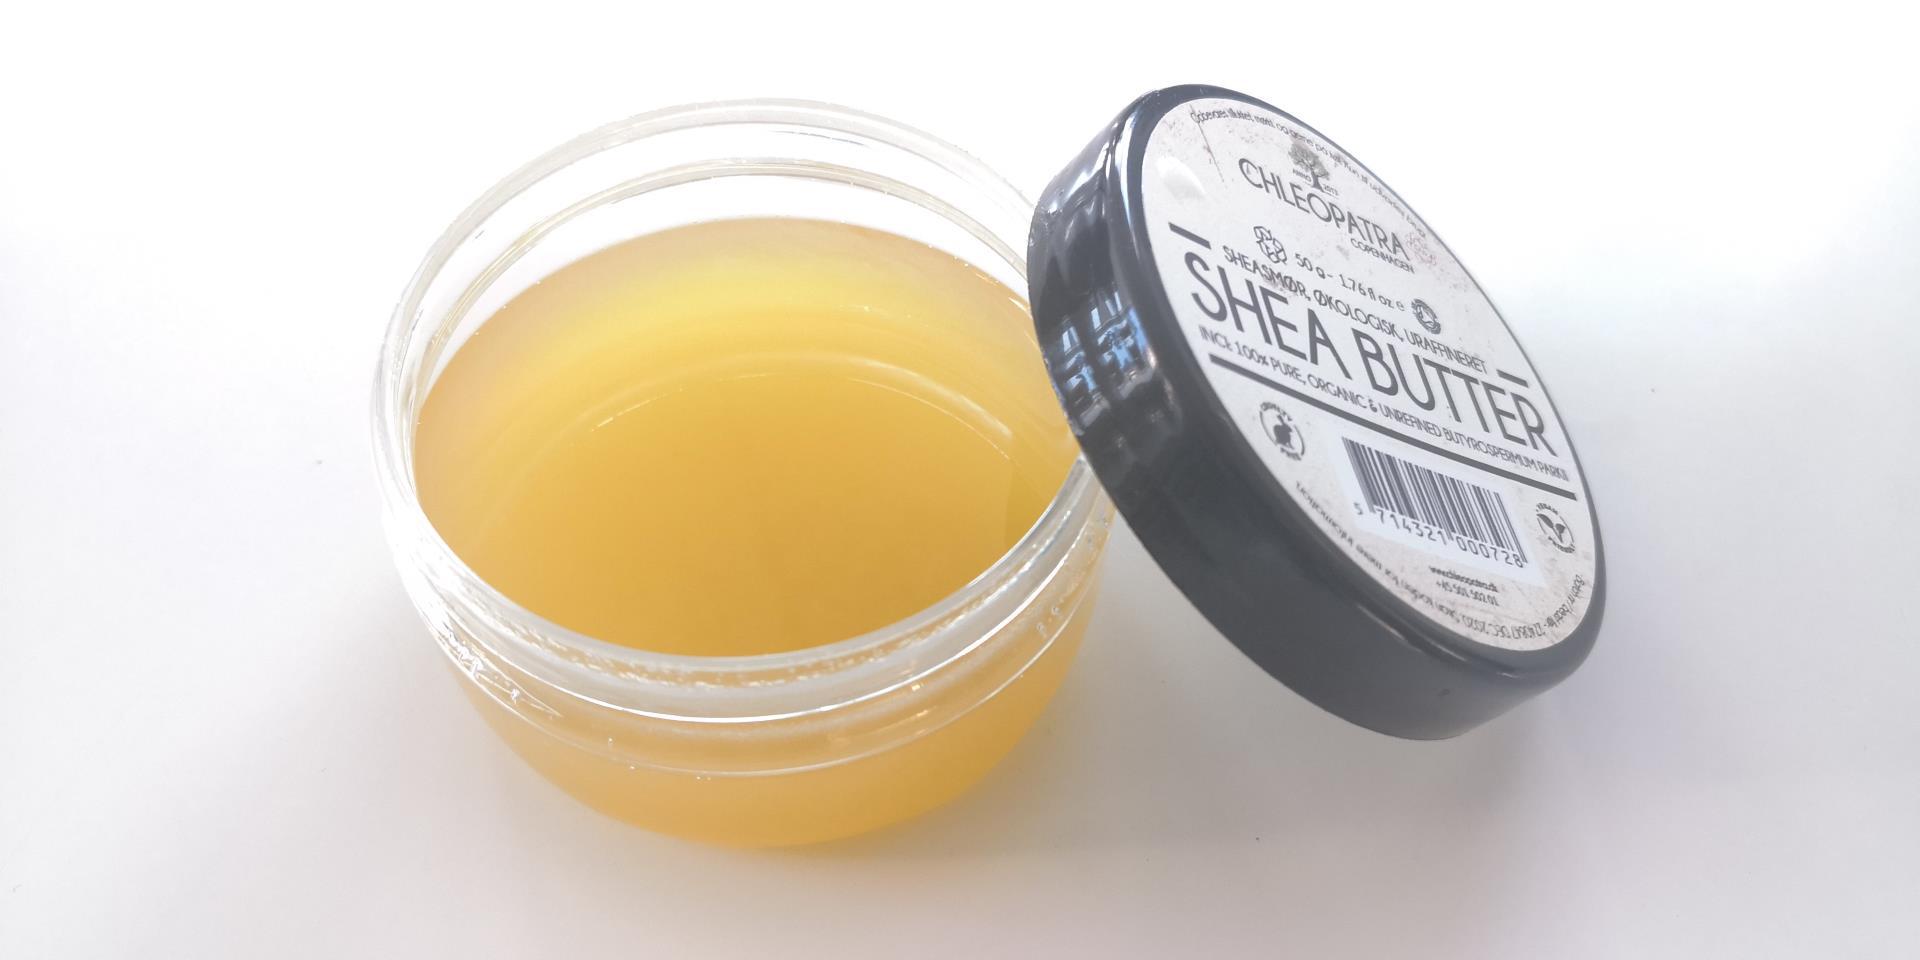 Hjemmelavet body lotion - Med Sheasmør og 2 andre naturlige råvarer 1